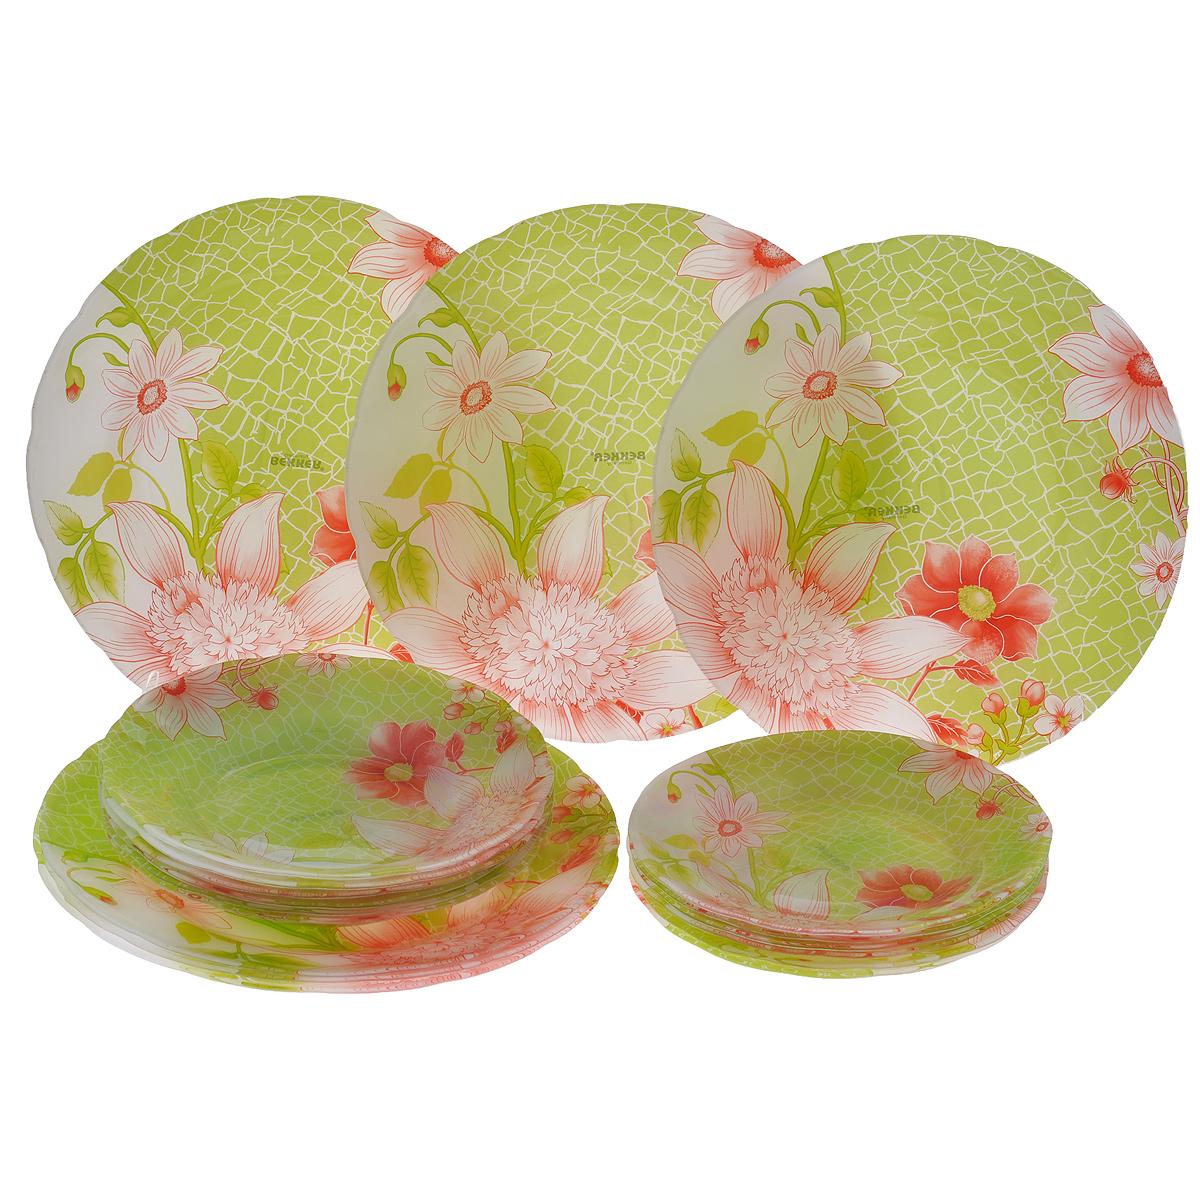 Сервиз обеденный Bekker Koch, 18 предметов. BK-9901115510Обеденный сервиз Bekker Koch, изготовленный из высококачественного стекла, состоит из 6 суповых тарелок, 6 обеденных тарелок и 6 десертных тарелок. Изделия декорированы ярким изображением цветов. Такой сервиз придется по вкусу любителям классики, и тем, кто предпочитает утонченность и изысканность. Набор эффектно украсит стол к обеду, а также прекрасно подойдет для торжественных случаев.Не рекомендуется мыть в посудомоечной машине.